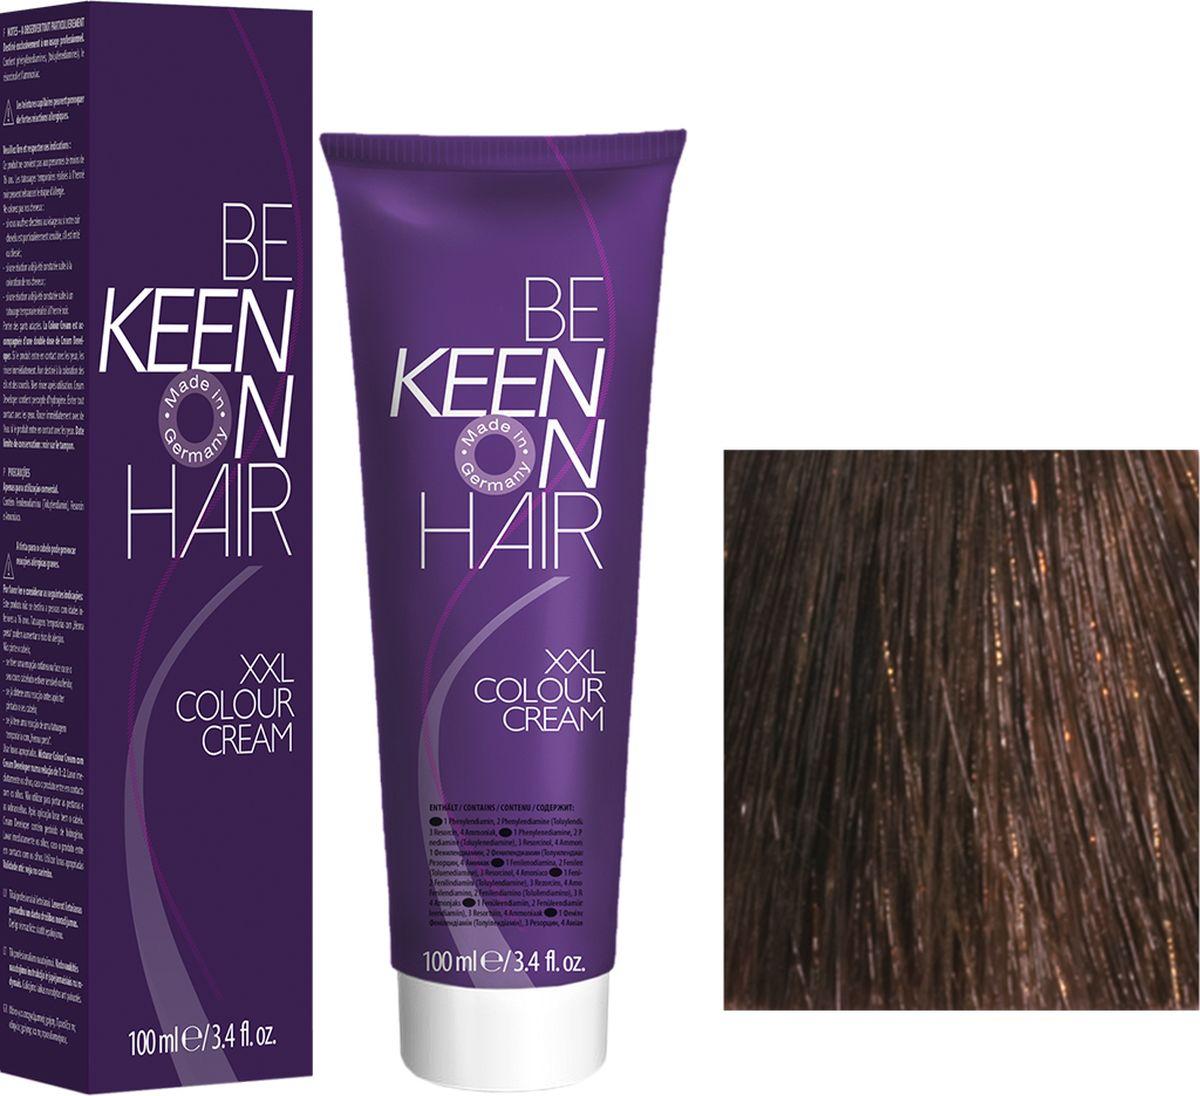 Keen Краска для волос 5.3 Светло-коричневый золотистый Hellbraun Gold, 100 мл69100020Модные оттенкиБолее 100 оттенков для креативной комбинации цветов.ЭкономичностьПри использовании тюбика 100 мл вы получаете оптимальное соотношение цены и качества!УходМолочный белок поддерживает структуру волоса во время окрашивания и придает волосам блеск и шелковистость. Протеины хорошо встраиваются в волосы и снабжают их влагой.